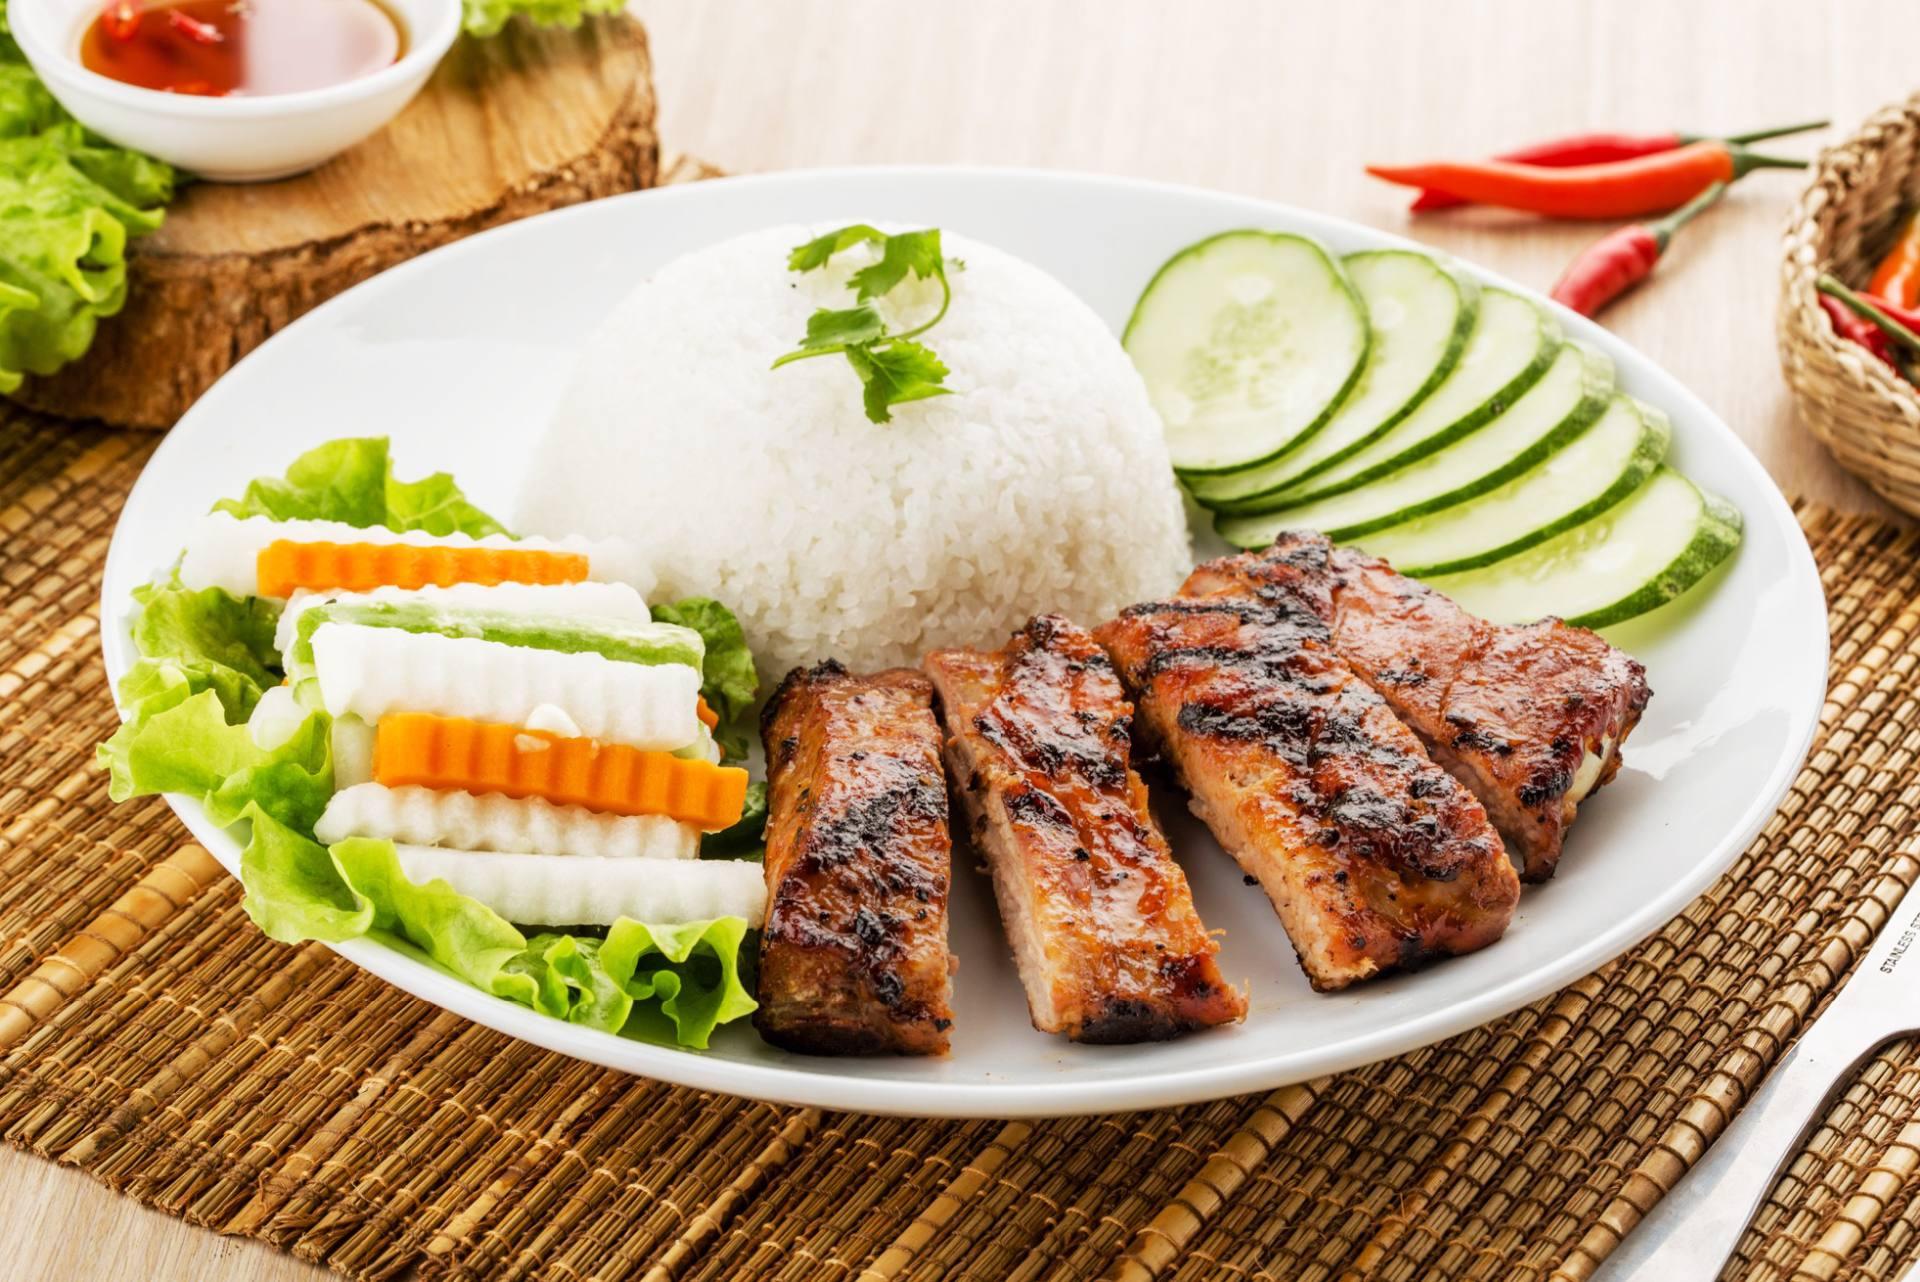 Pho Bac Hoa Viet Stockton 55 Charbroiled Pork Chop Over Rice Cơm Sườn Nướng Ineons